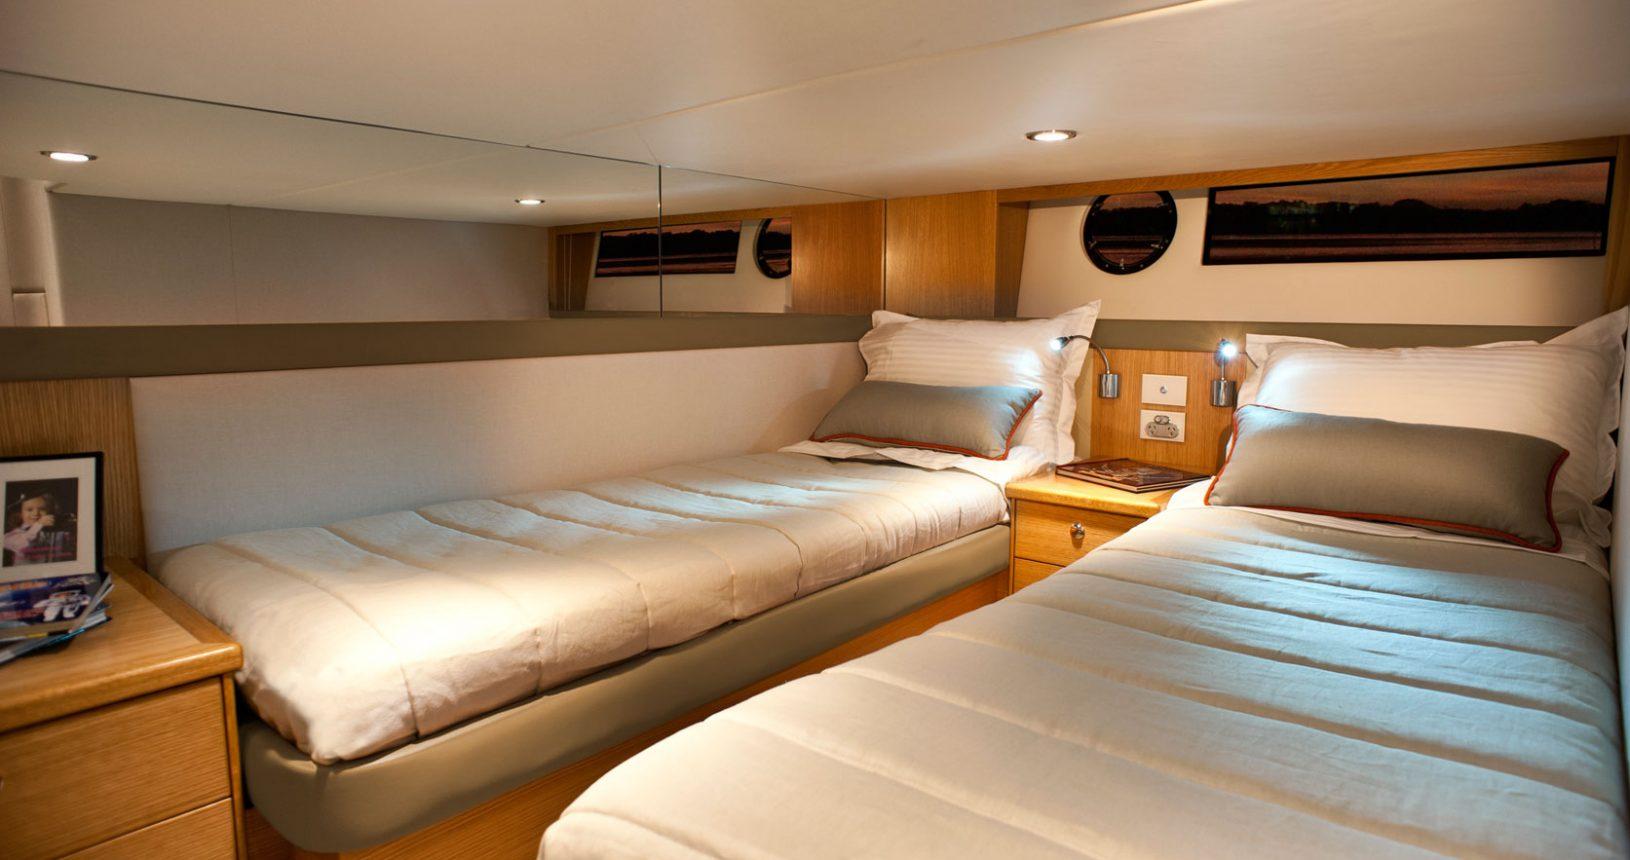 Riviera 445 SUV for sale - Guest Cabin